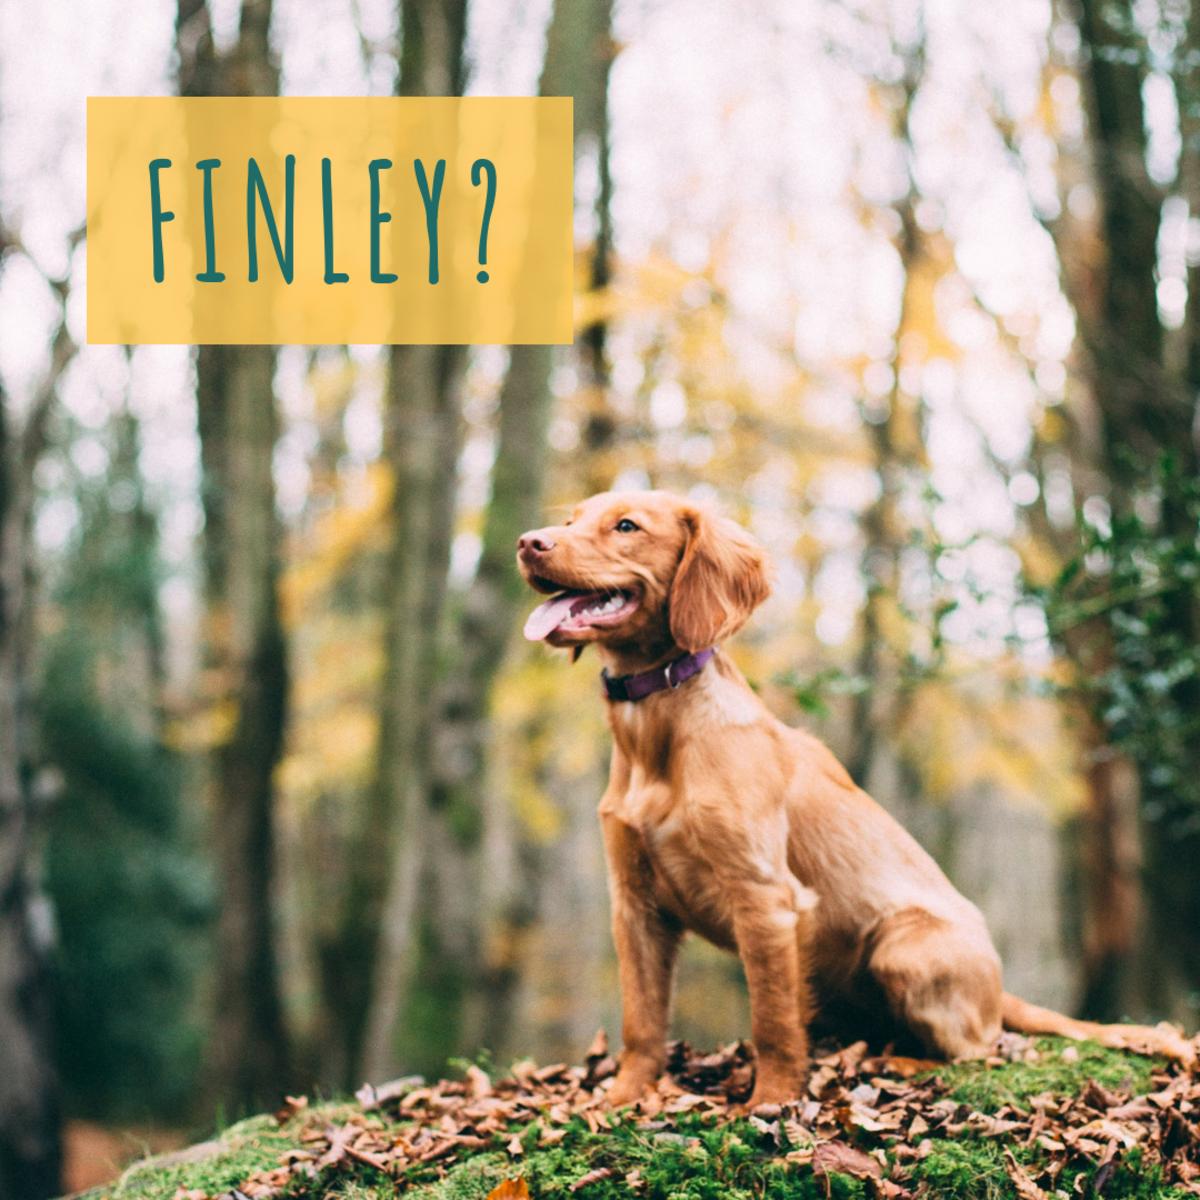 Is he a Finley?